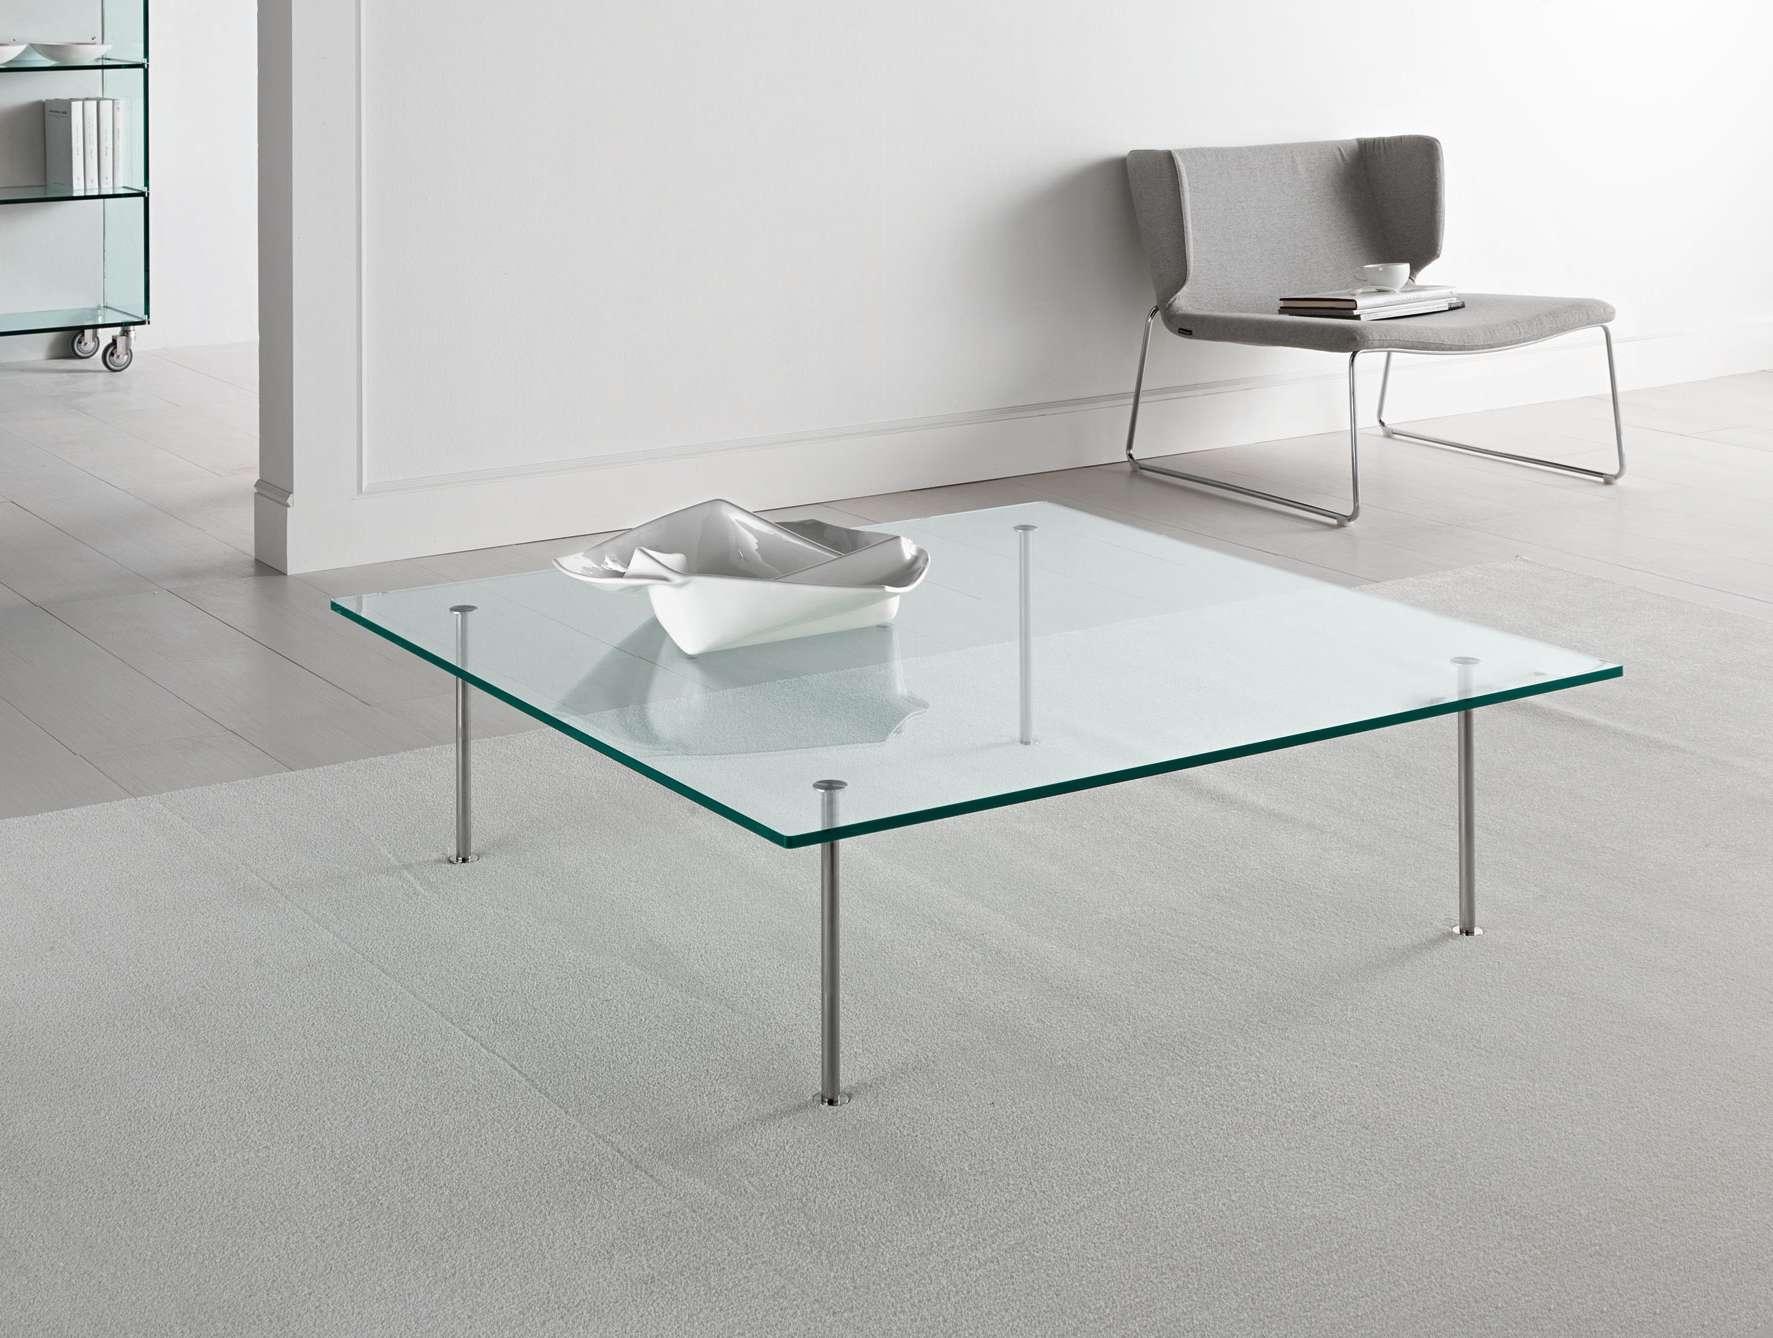 Famous Glass Square Coffee Tables Regarding Nella Vetrina Tonelli Twig Modular Italian Square Coffee Table (View 3 of 20)